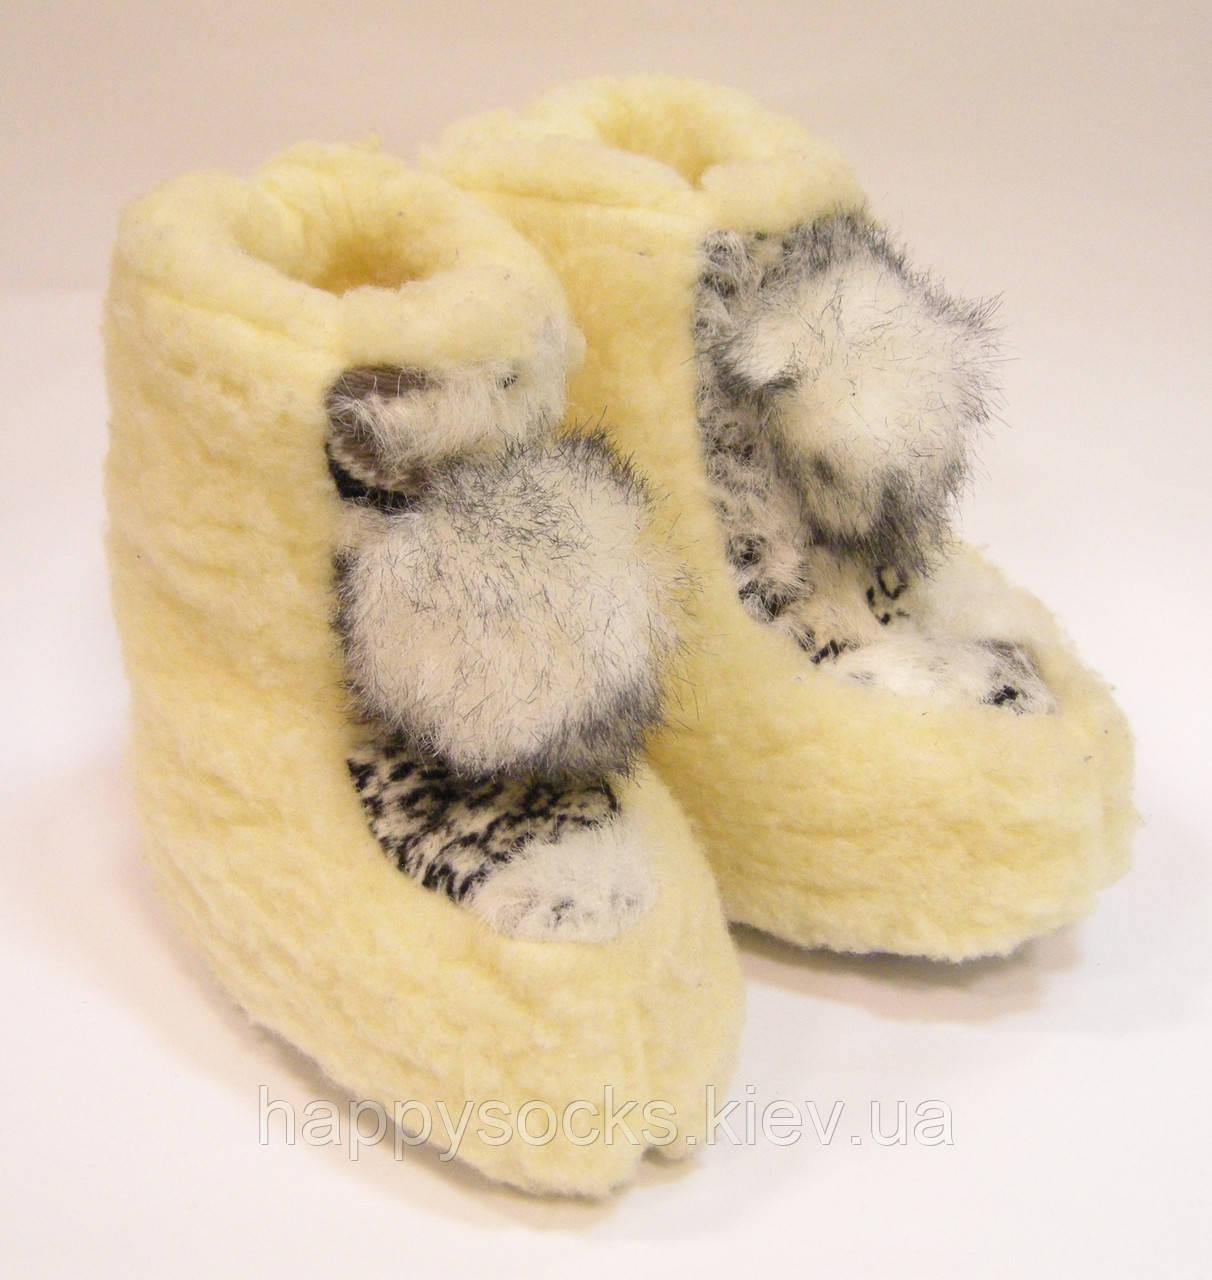 Детские носки-сапожки-чуни домашние из овчины